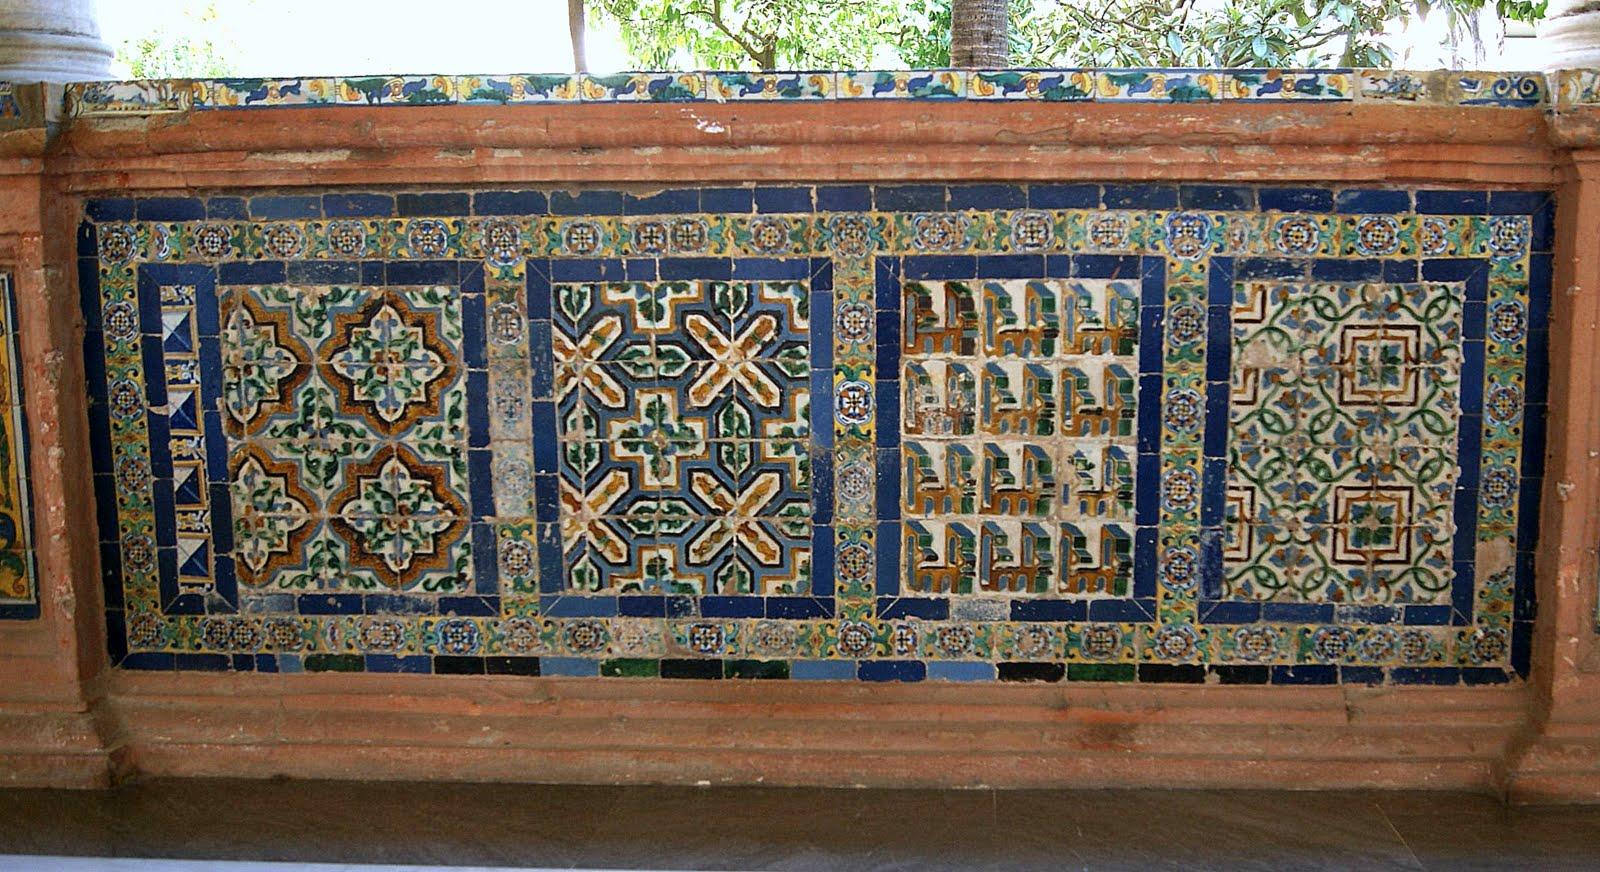 Azulejos patio fotografia azulejos patio superior de la - Azulejos de patio ...